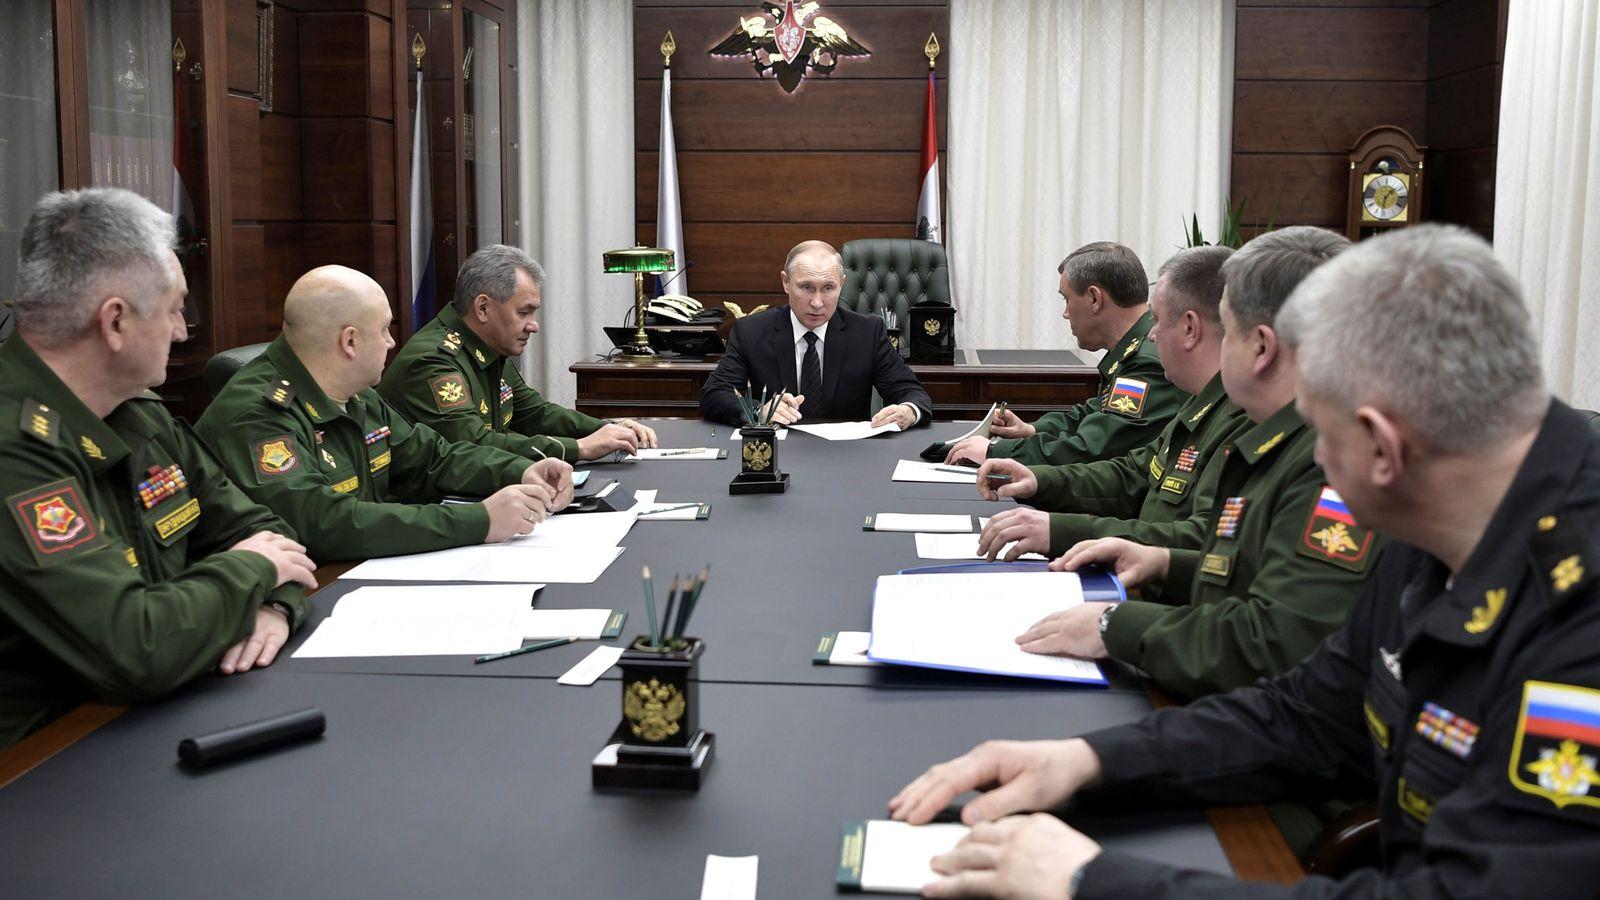 Foto: Vladímir Putin, el ministro de Defensa, Serguei Shoigu, y el jefe del estado mayor, Valery Gerasimov, se reúnen con altos oficiales militares en Moscú, el 22 de diciembre de 2016. (Reuters)